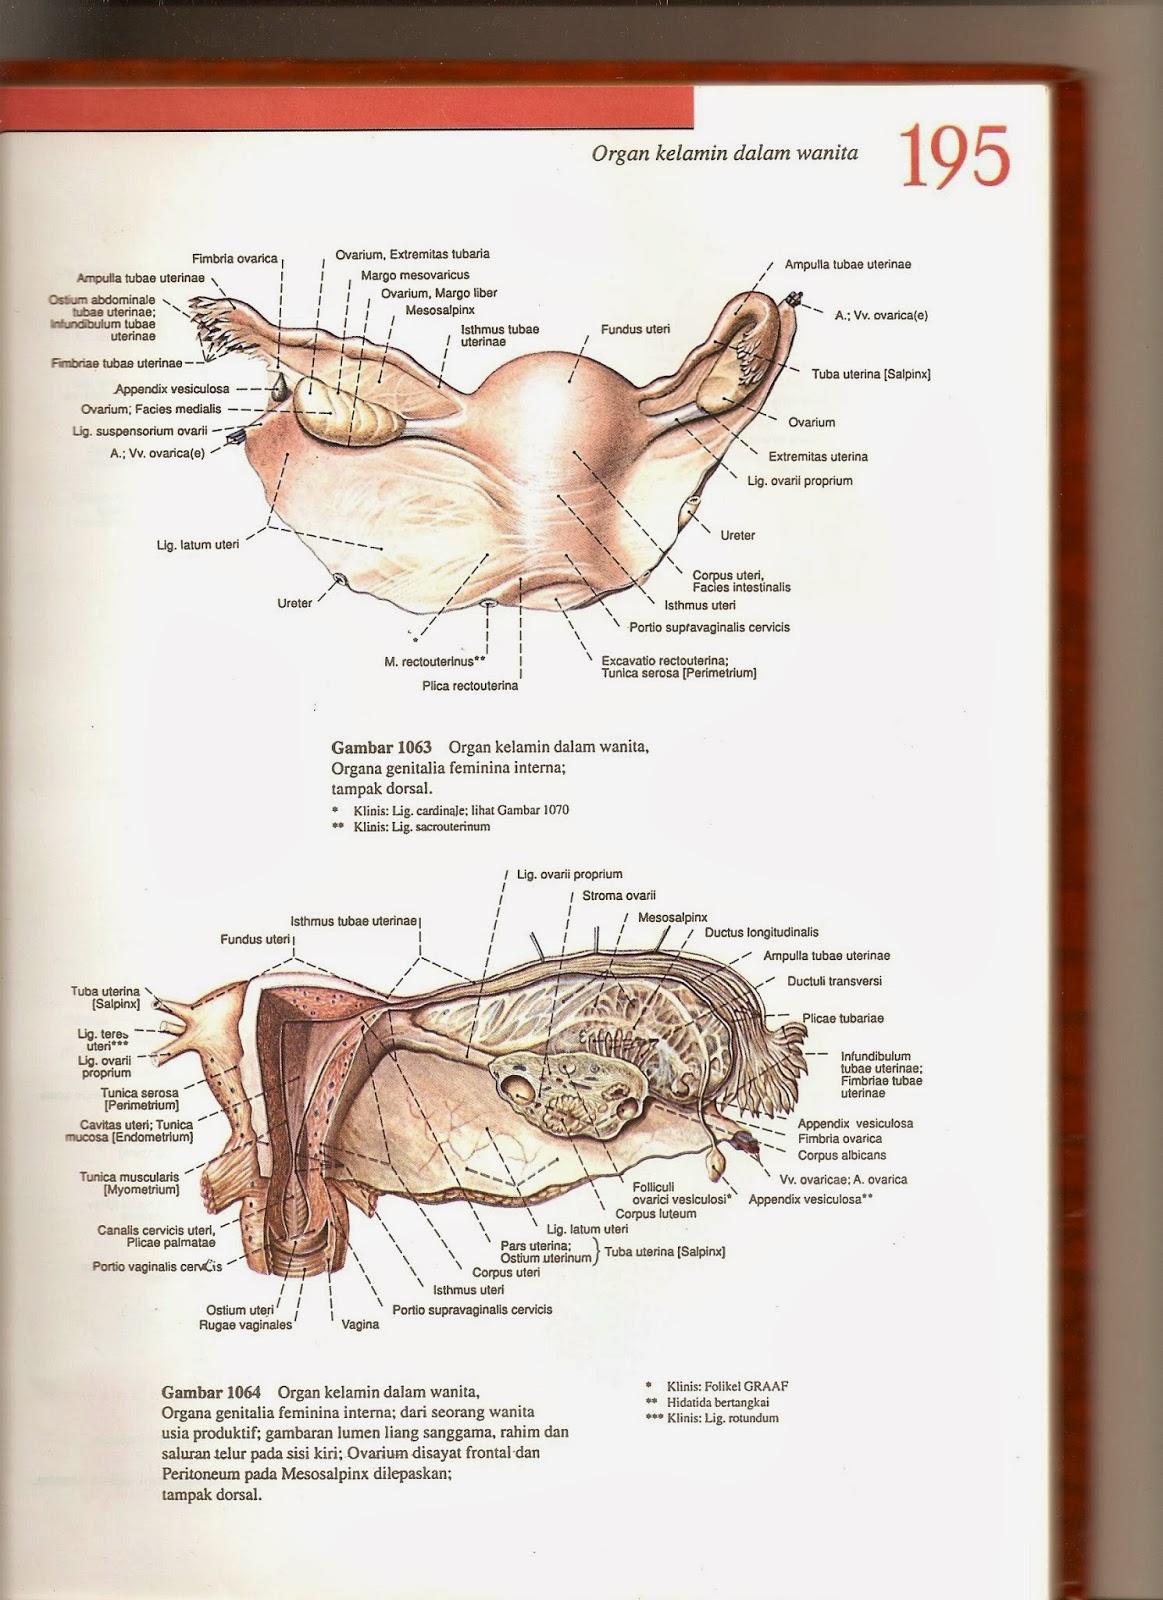 Asuhan Keperawatan Lengkap Organ Dalam Kelamin Wanita